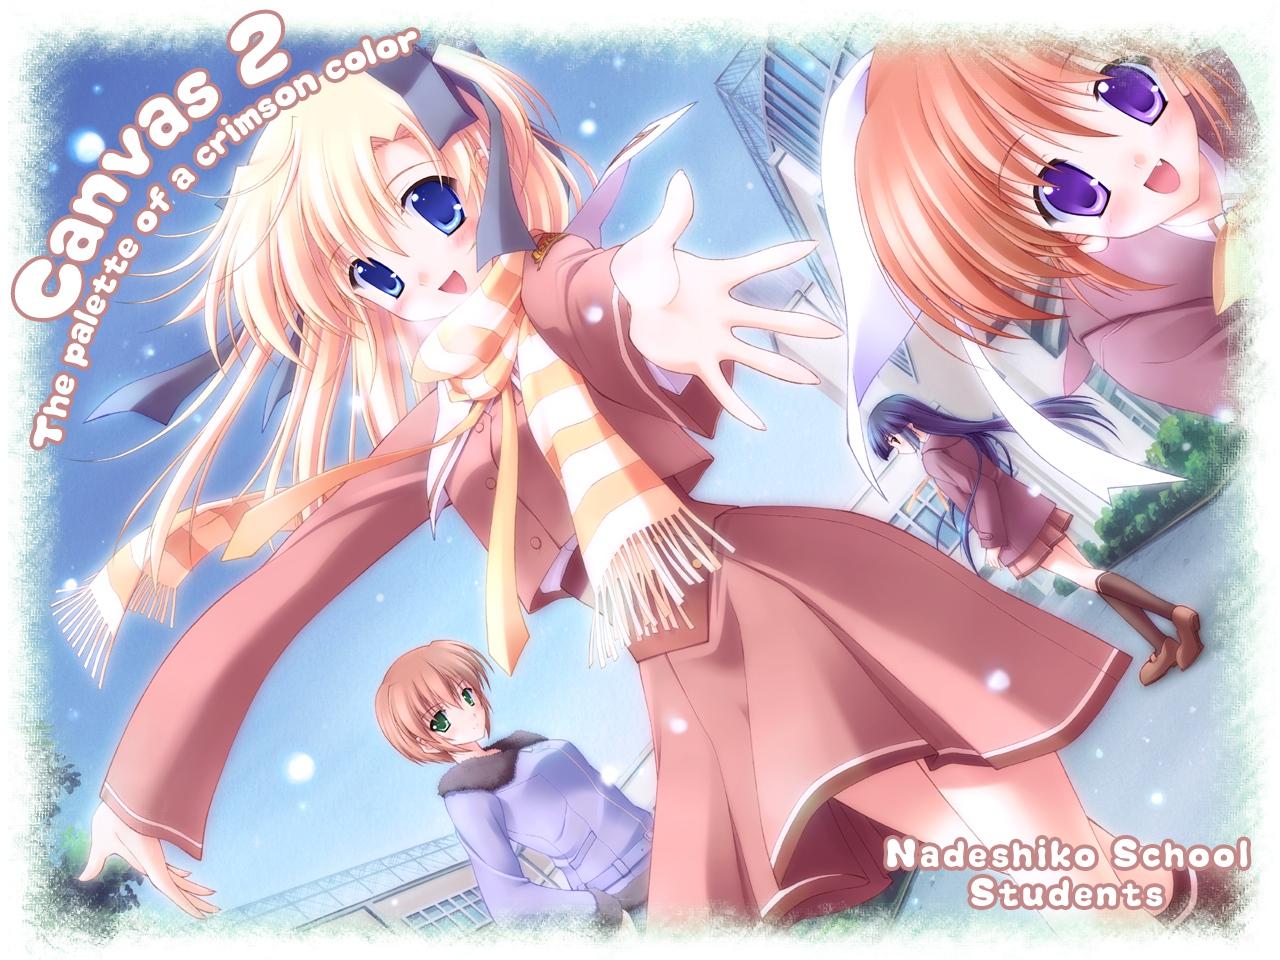 canvas2_niji_iro_no_sketch chikotam hagino_kana housen_elis kikyou_kiri misaki_sumire nanao_naru school_uniform